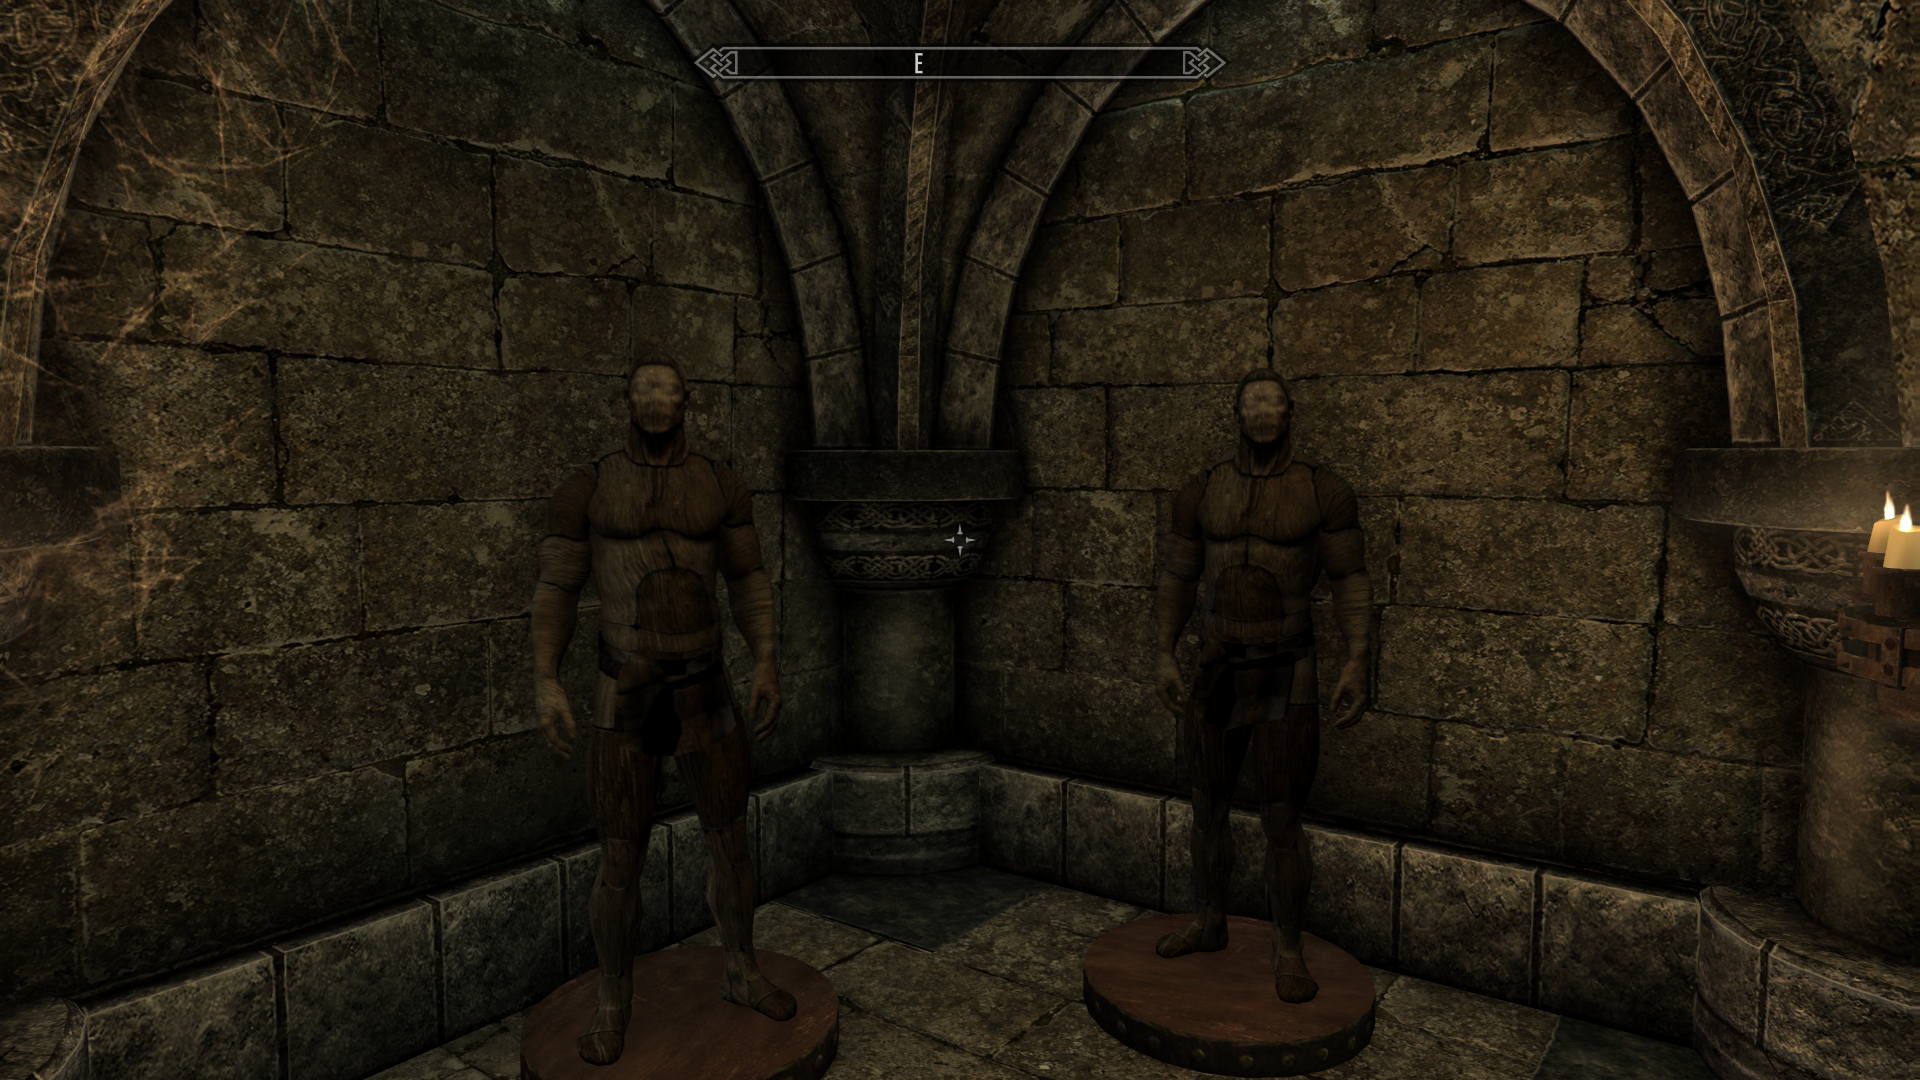 Манекены. Ненавижу манекены - Elder Scrolls 5: Skyrim, the манекен